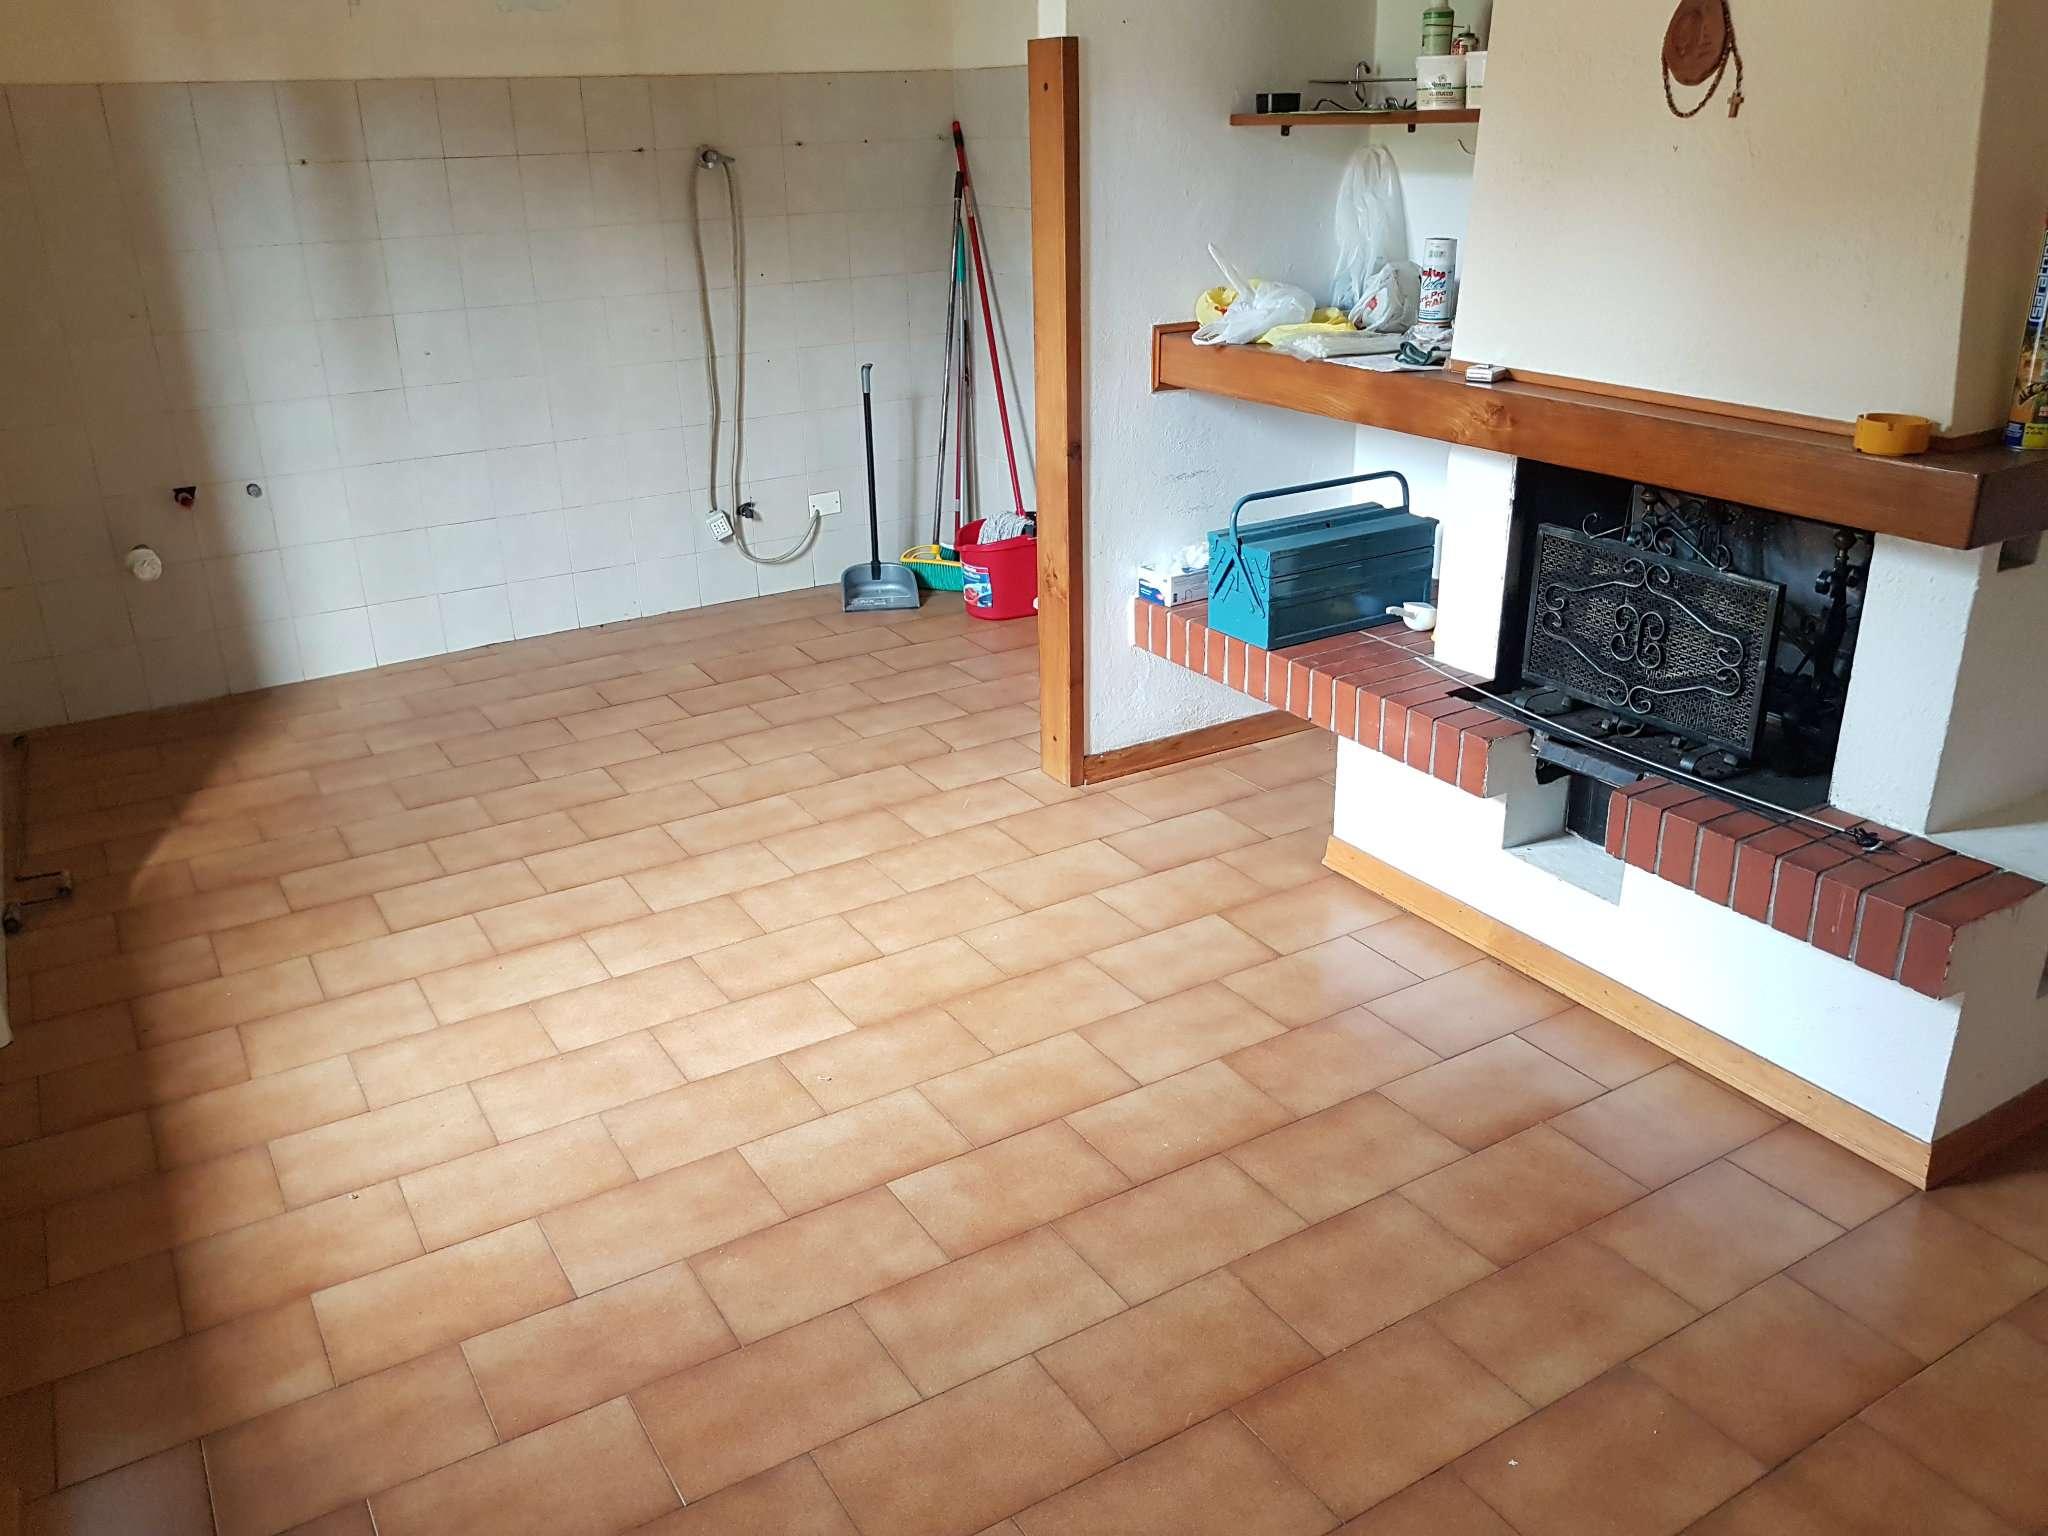 Appartamento in vendita a Foiano della Chiana, 4 locali, prezzo € 88.000 | CambioCasa.it